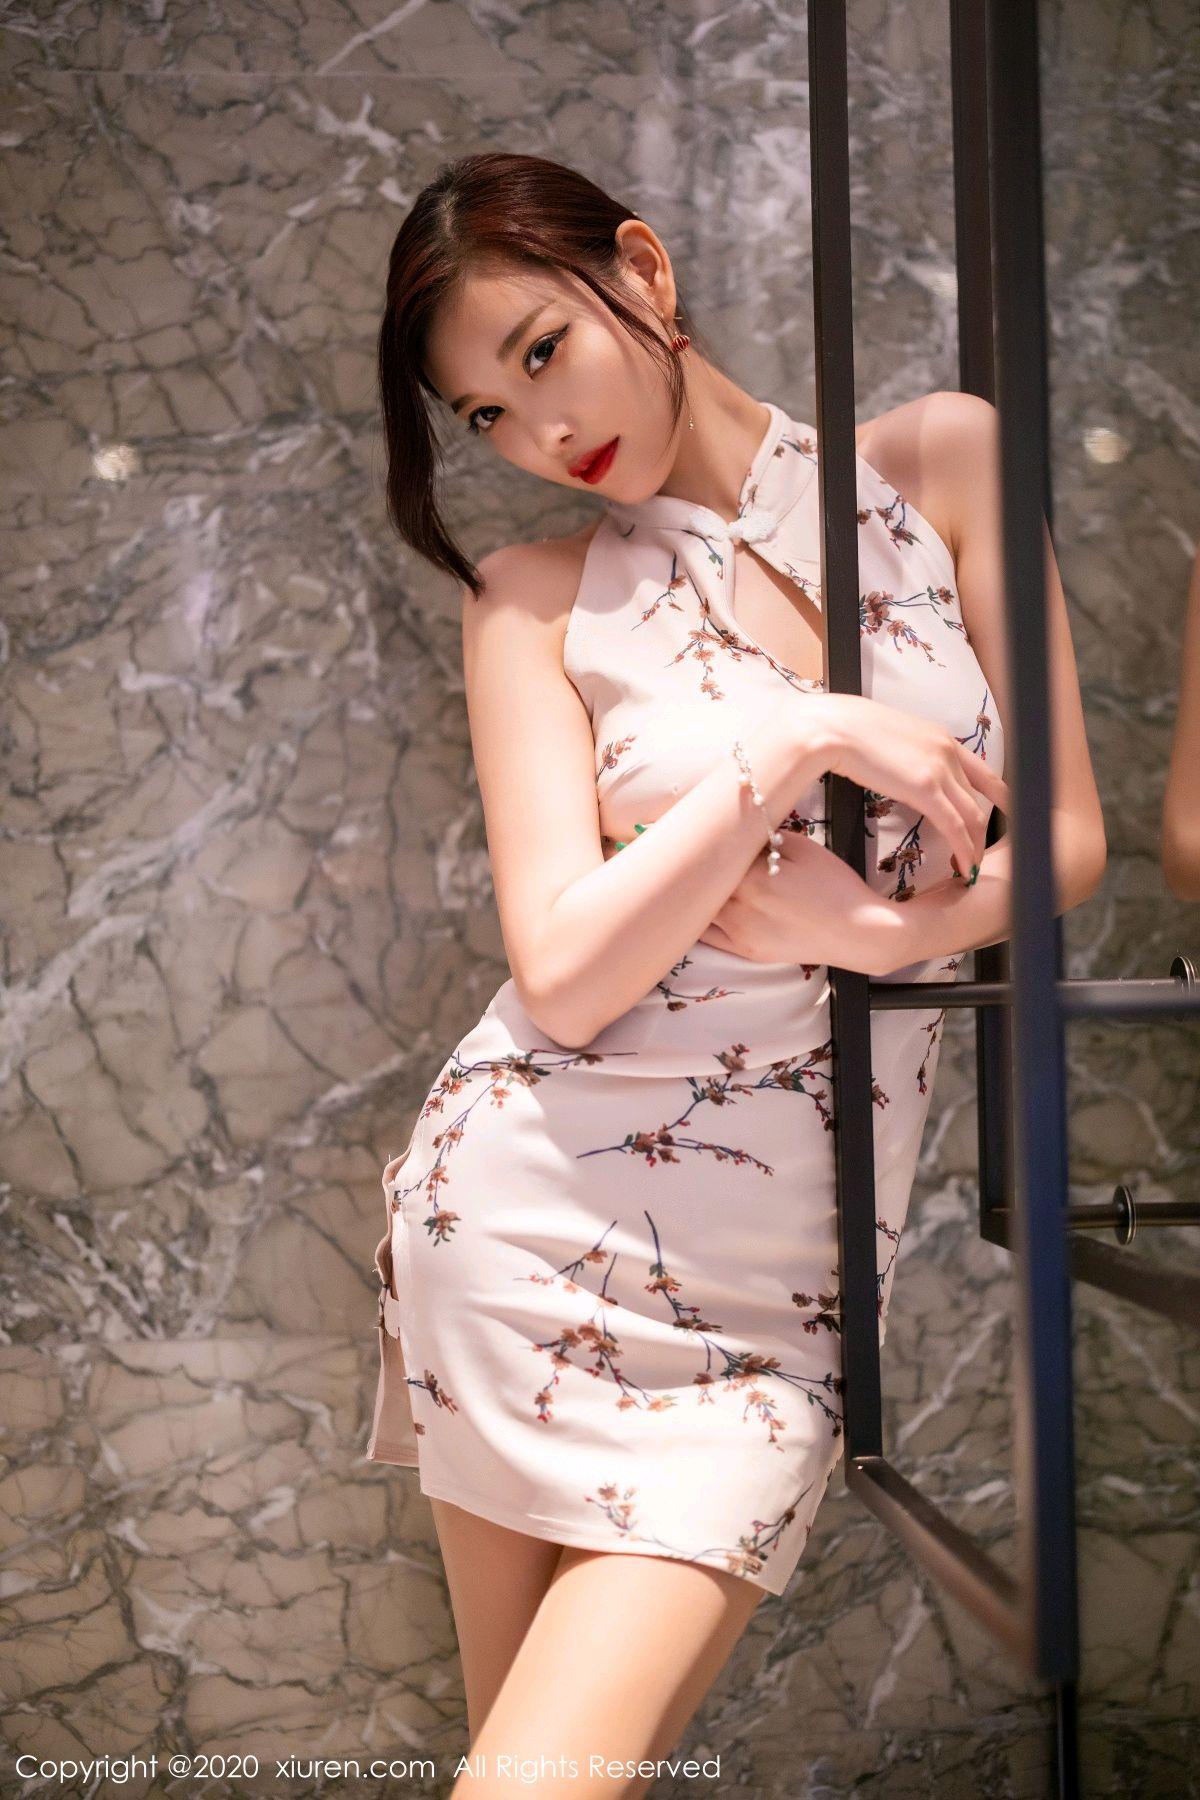 [XiuRen] Vol.2487 Yang Chen Chen 60P, Cheongsam, Tall, Xiuren, Yang Chen Chen